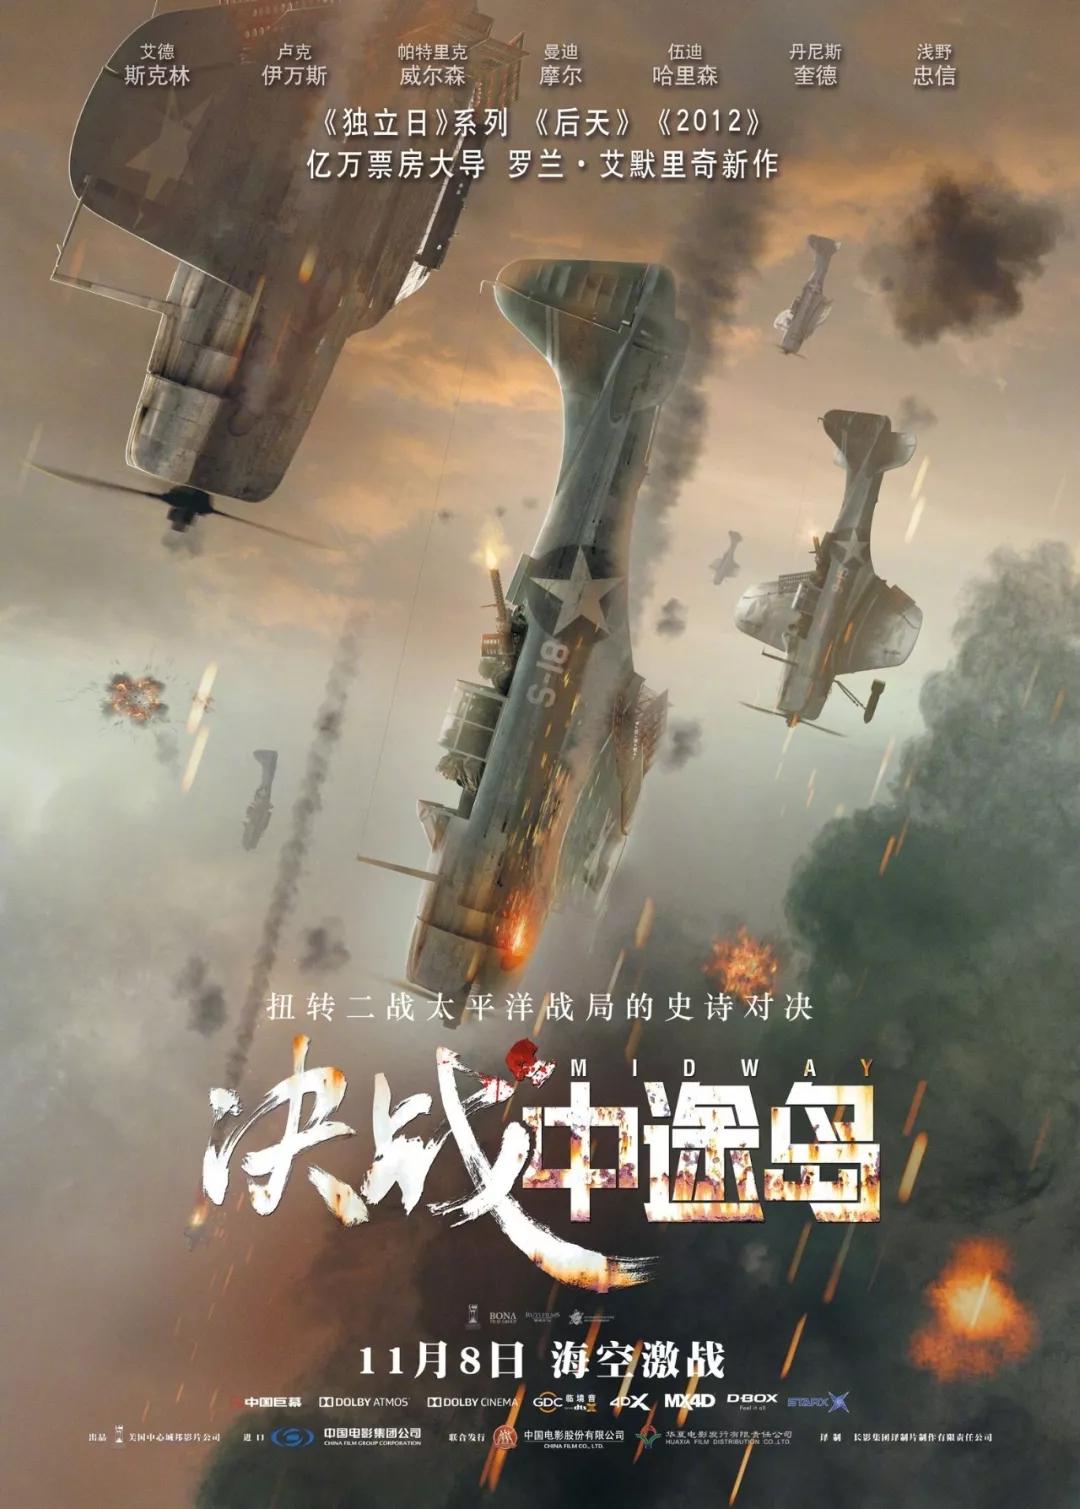 中国国防报评影片《决战中途岛》失实处:特效高分,历史低分